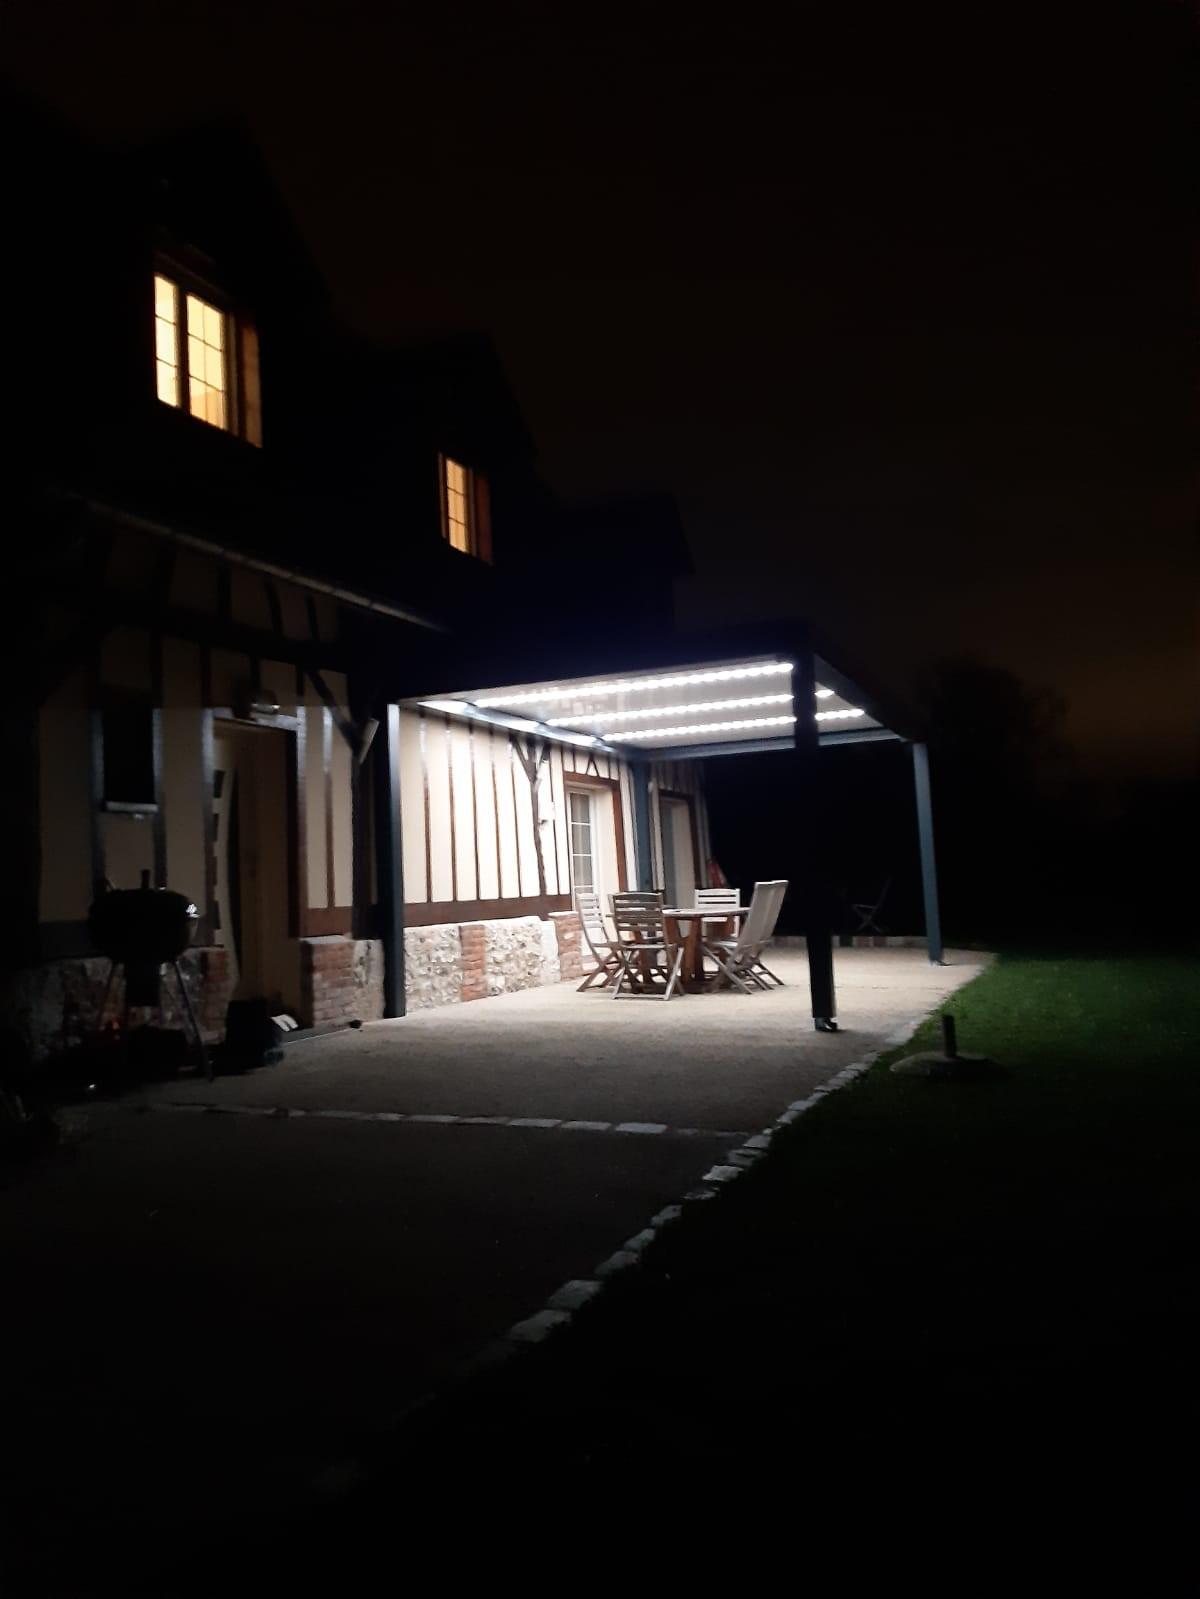 Perogla bioclimatique avec éclairage intégré à Pavilly